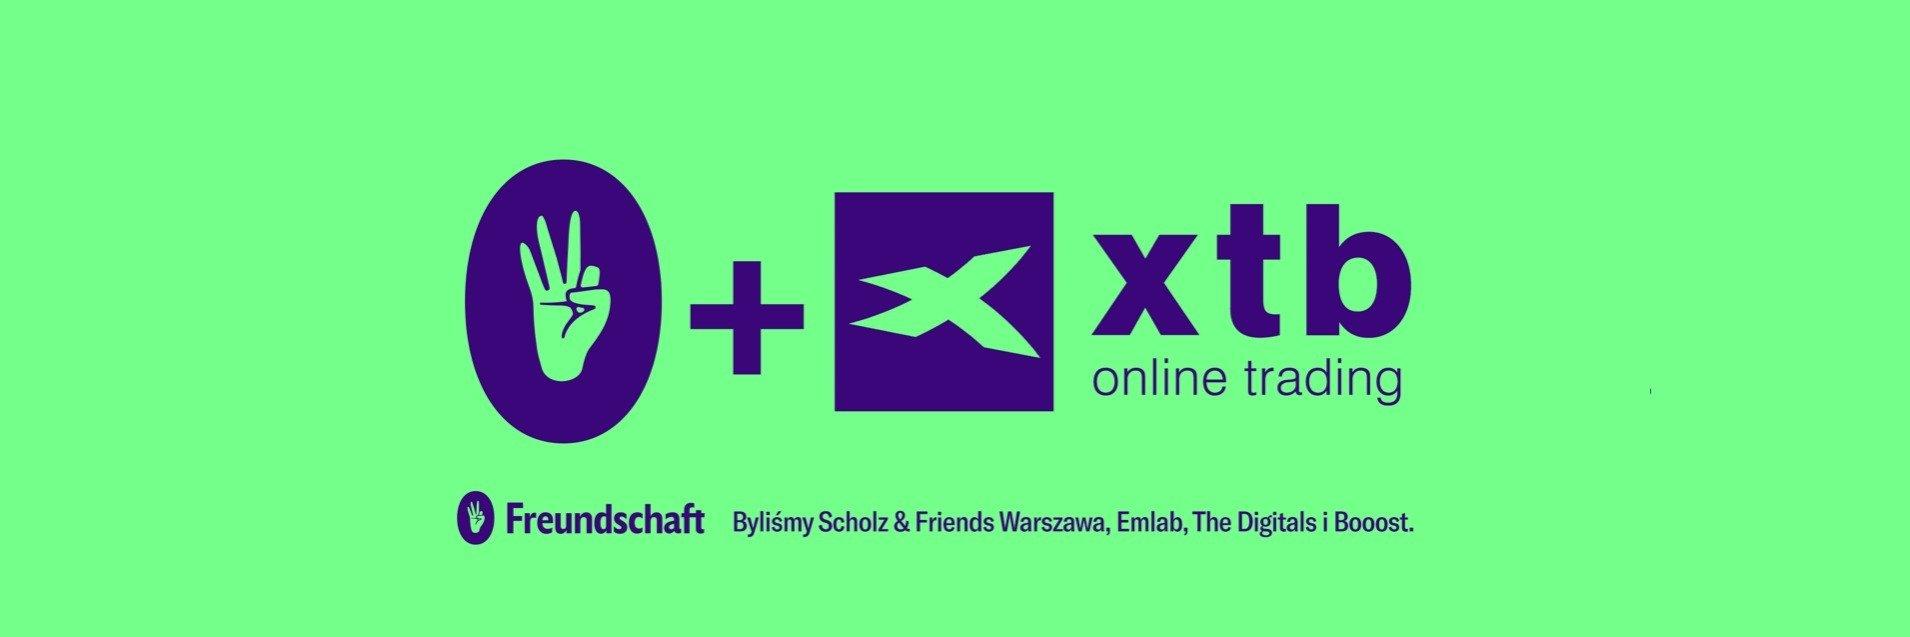 Grupa Freundschaft wygrywa przetarg na globalną kampanię XTB